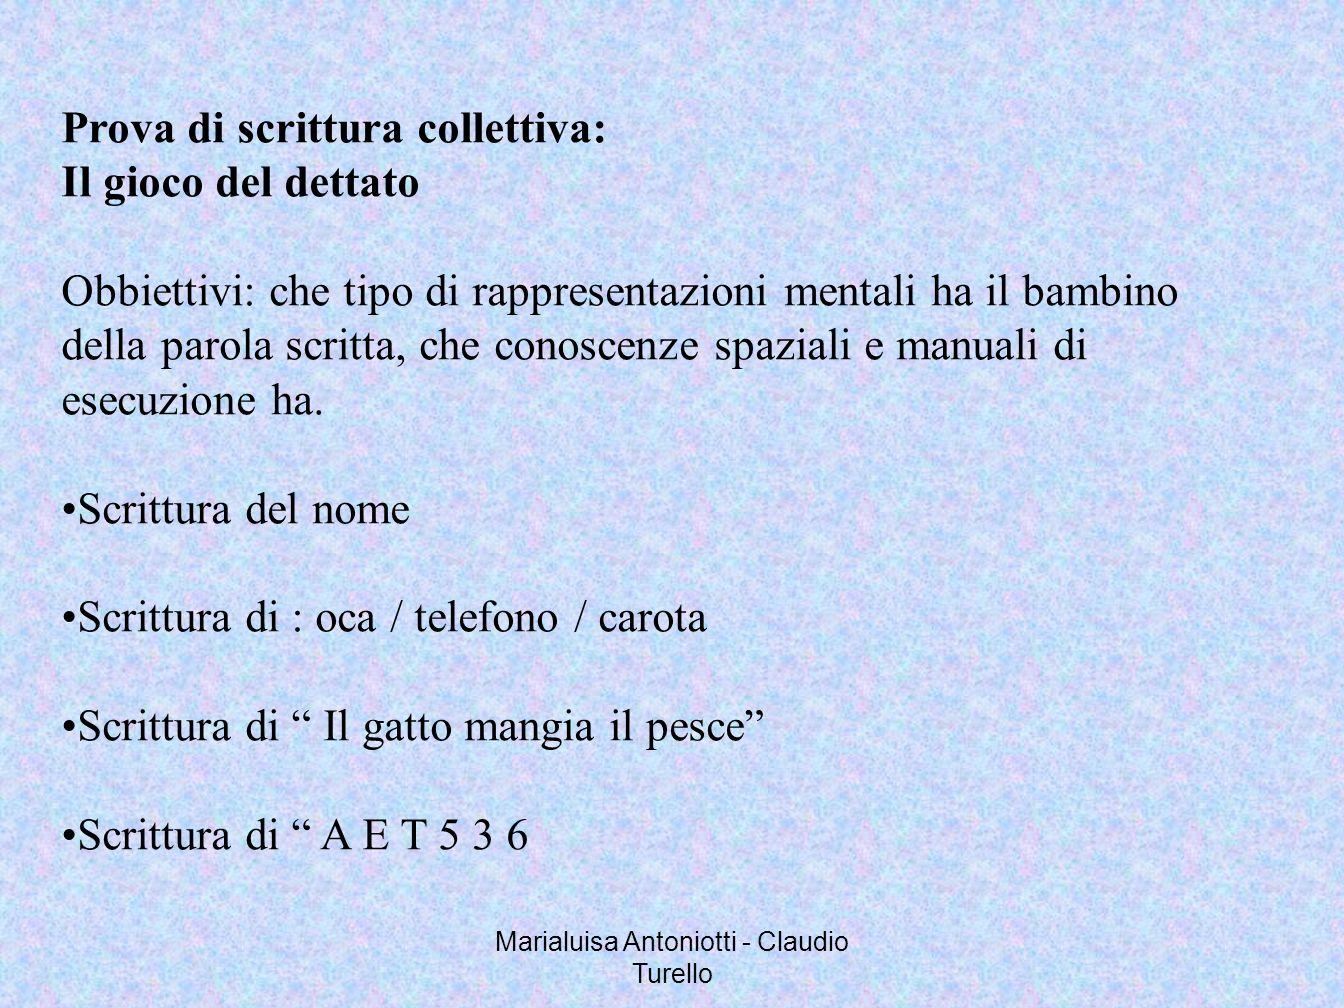 Marialuisa Antoniotti - Claudio Turello Prova di scrittura collettiva: Il gioco del dettato Obbiettivi: che tipo di rappresentazioni mentali ha il bam